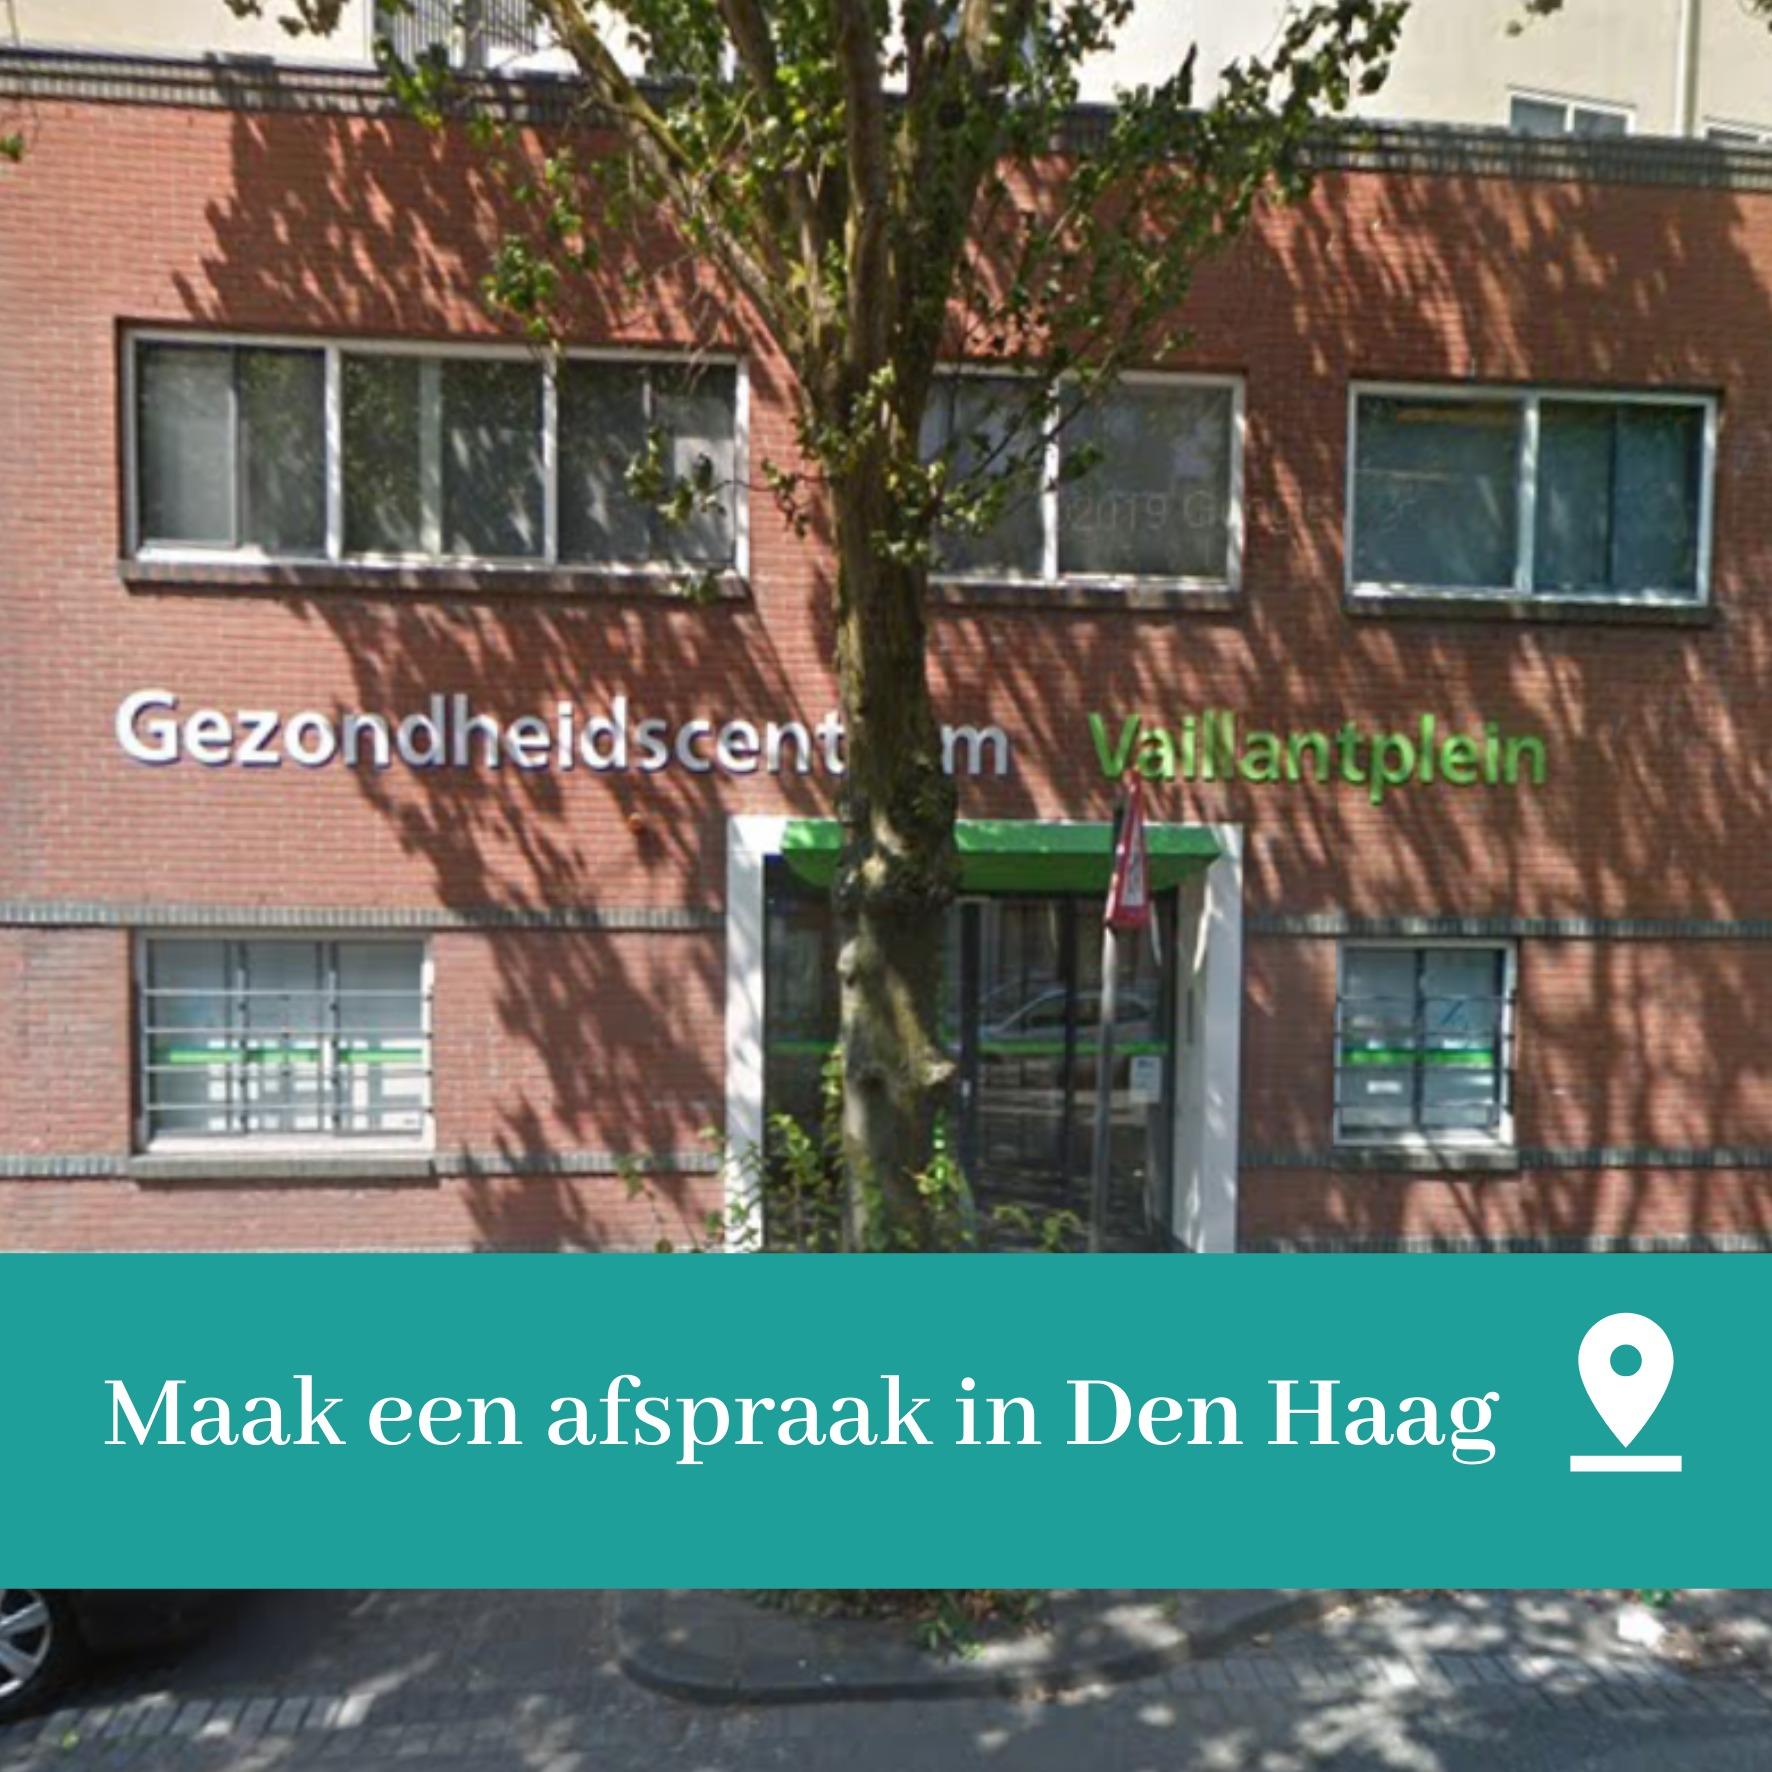 Locatie en vestiging van de Besnijdenis kliniek in Den Haag